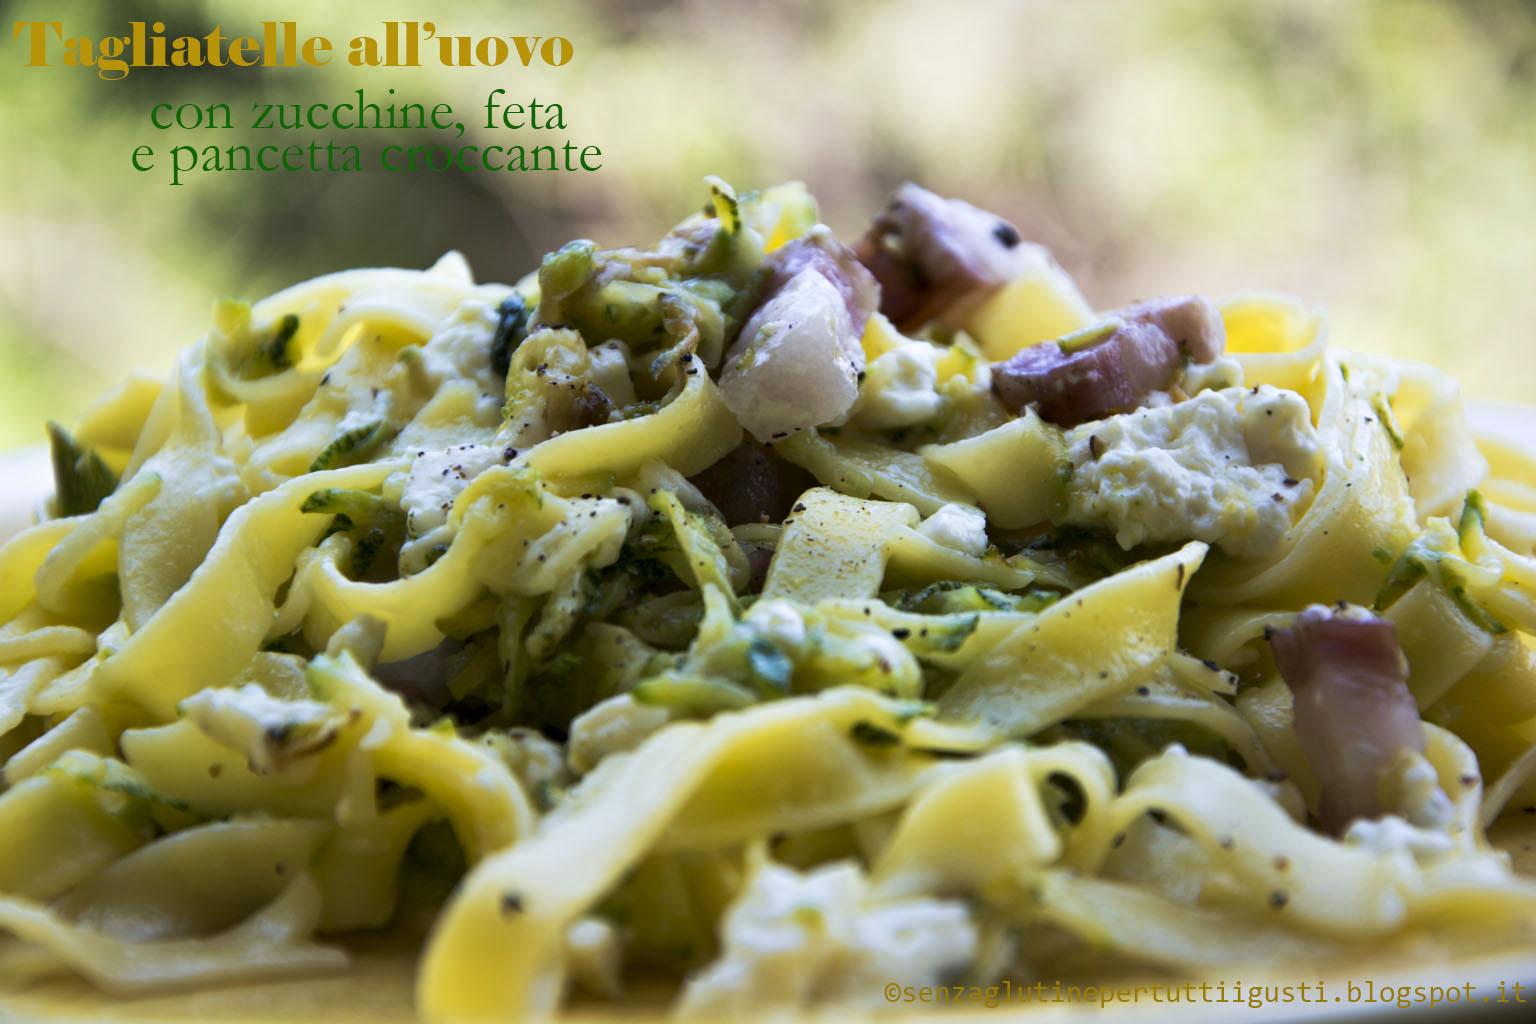 tagliatelle all'uovo con zucchine, feta e pancetta croccante